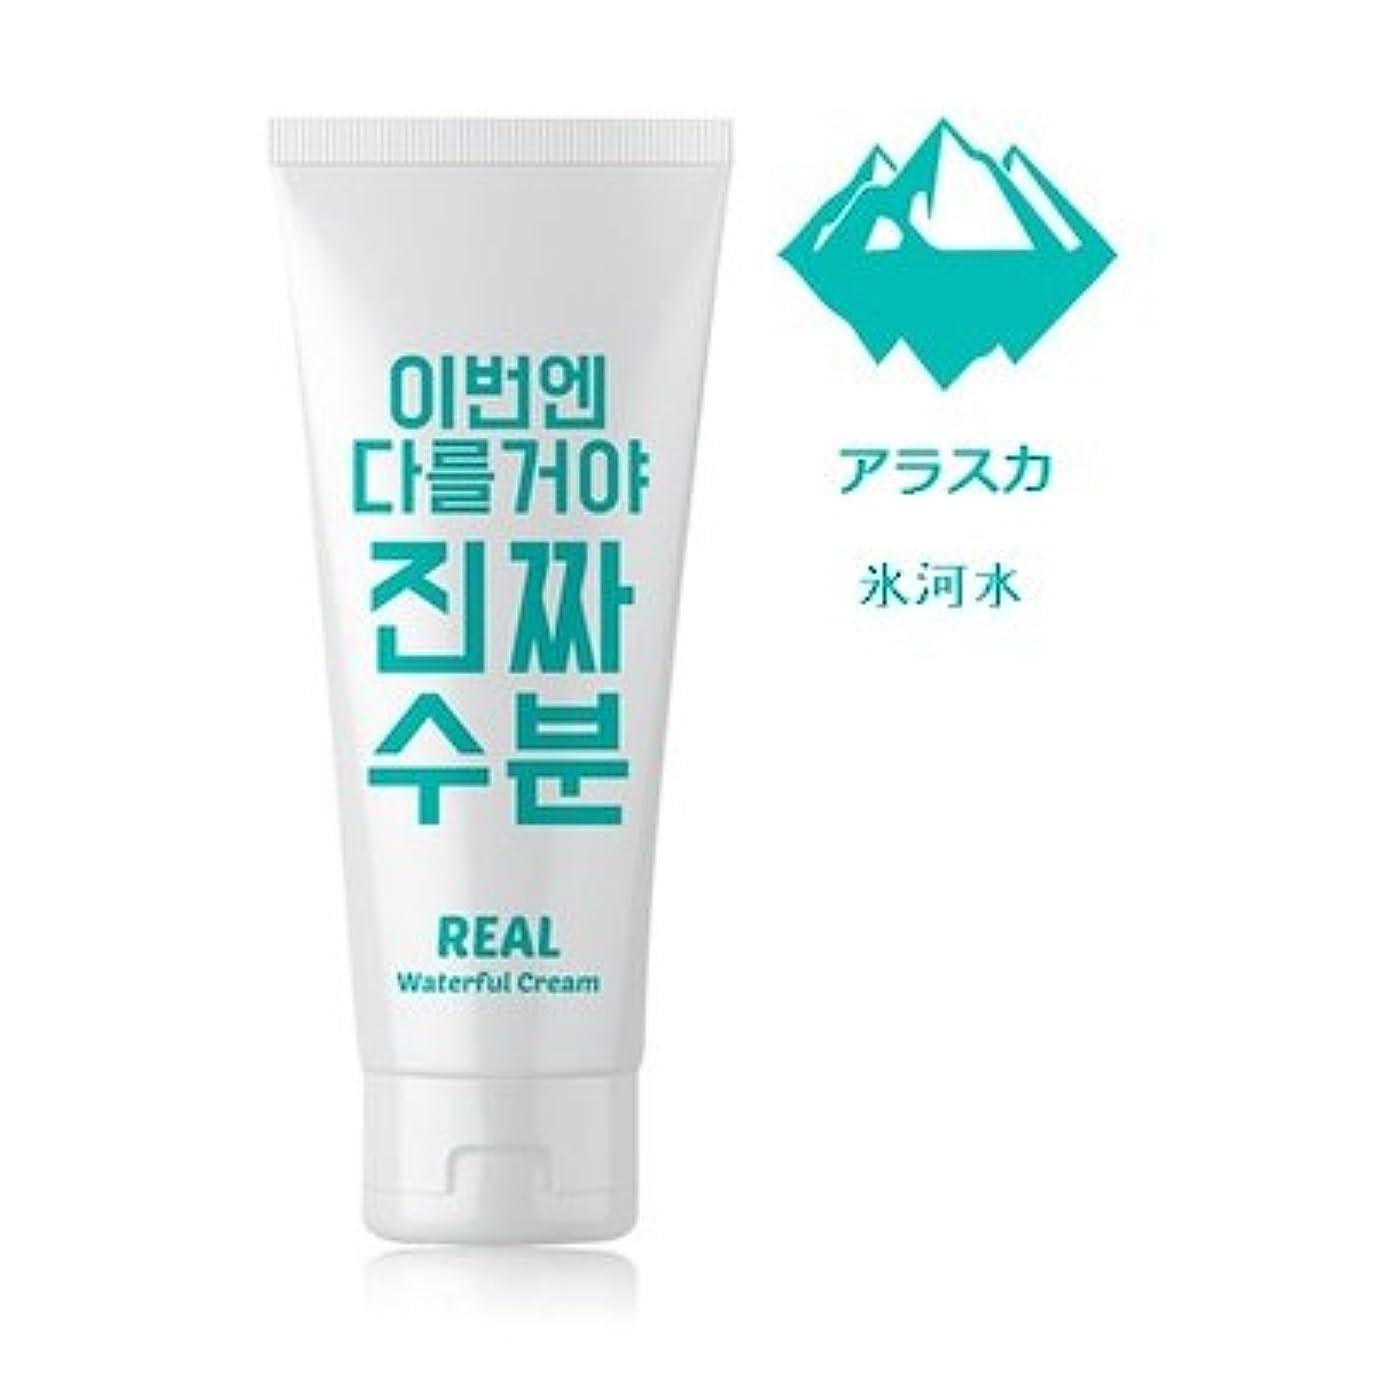 から聞く拮抗する出しますJaminkyung Real Waterful Cream/孜民耕 [ジャミンギョン] 今度は違うぞ本当の水分クリーム 200ml [並行輸入品]